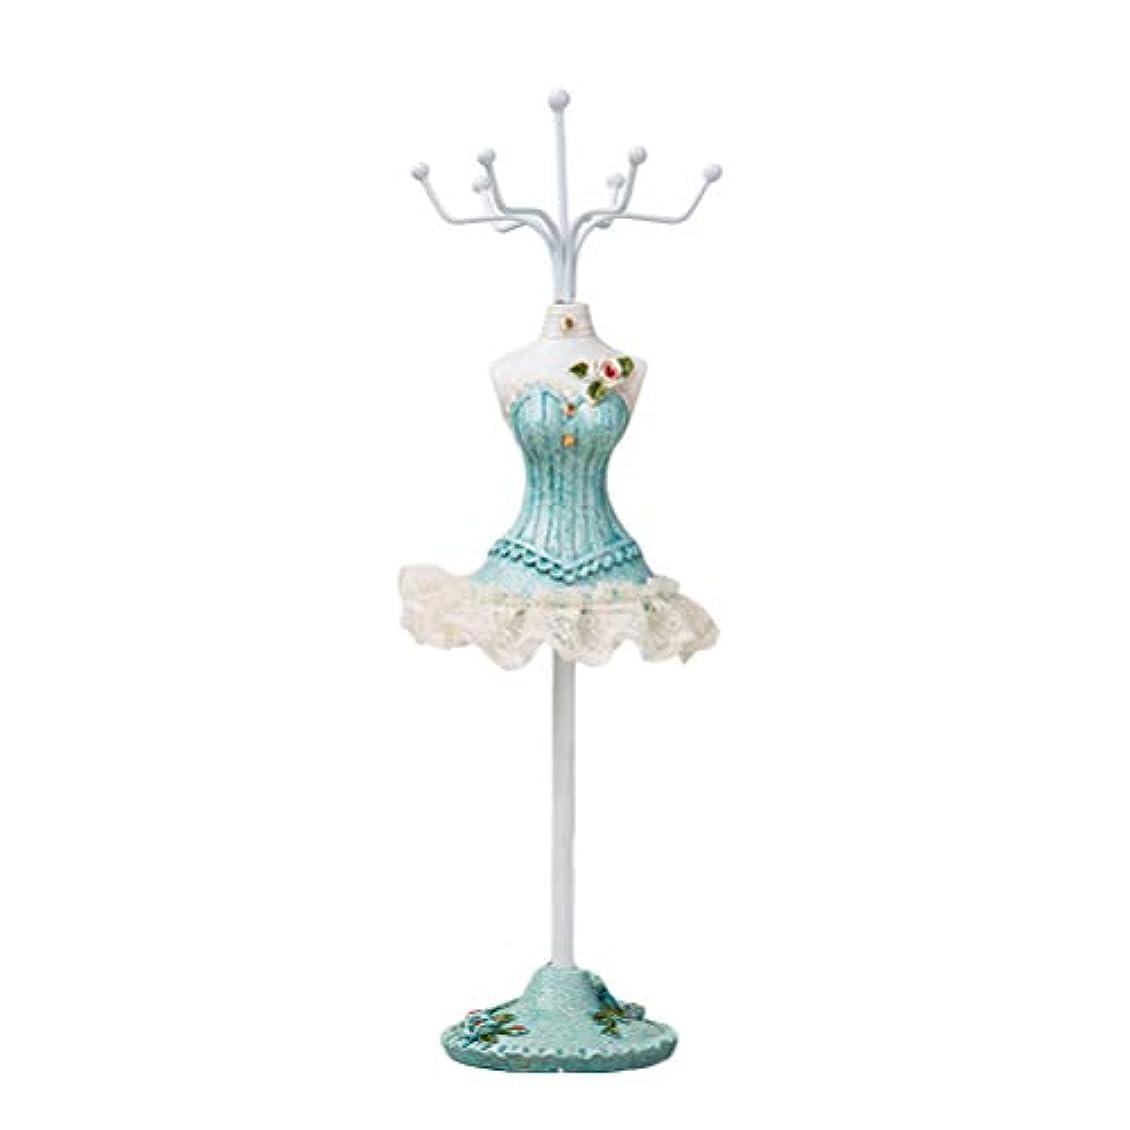 激怒影のあるコアVosarea 鉄ピアス収納ラック回転プリンセスドレス形状テーブルネックレスディスプレイホルダー25センチ